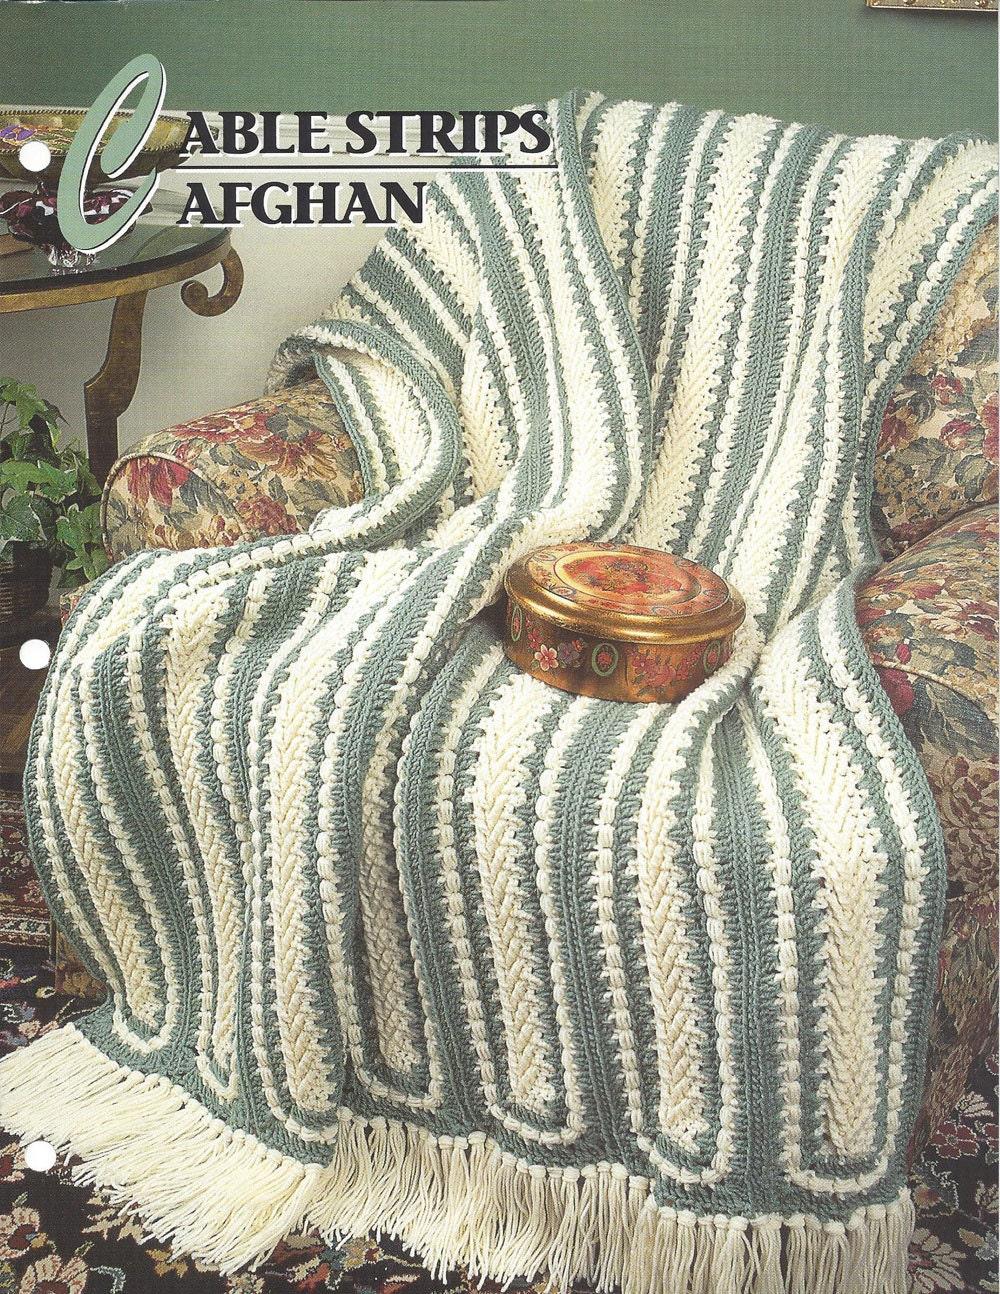 Pattern Afghan Blanket Crochet Cable Strips Afghan